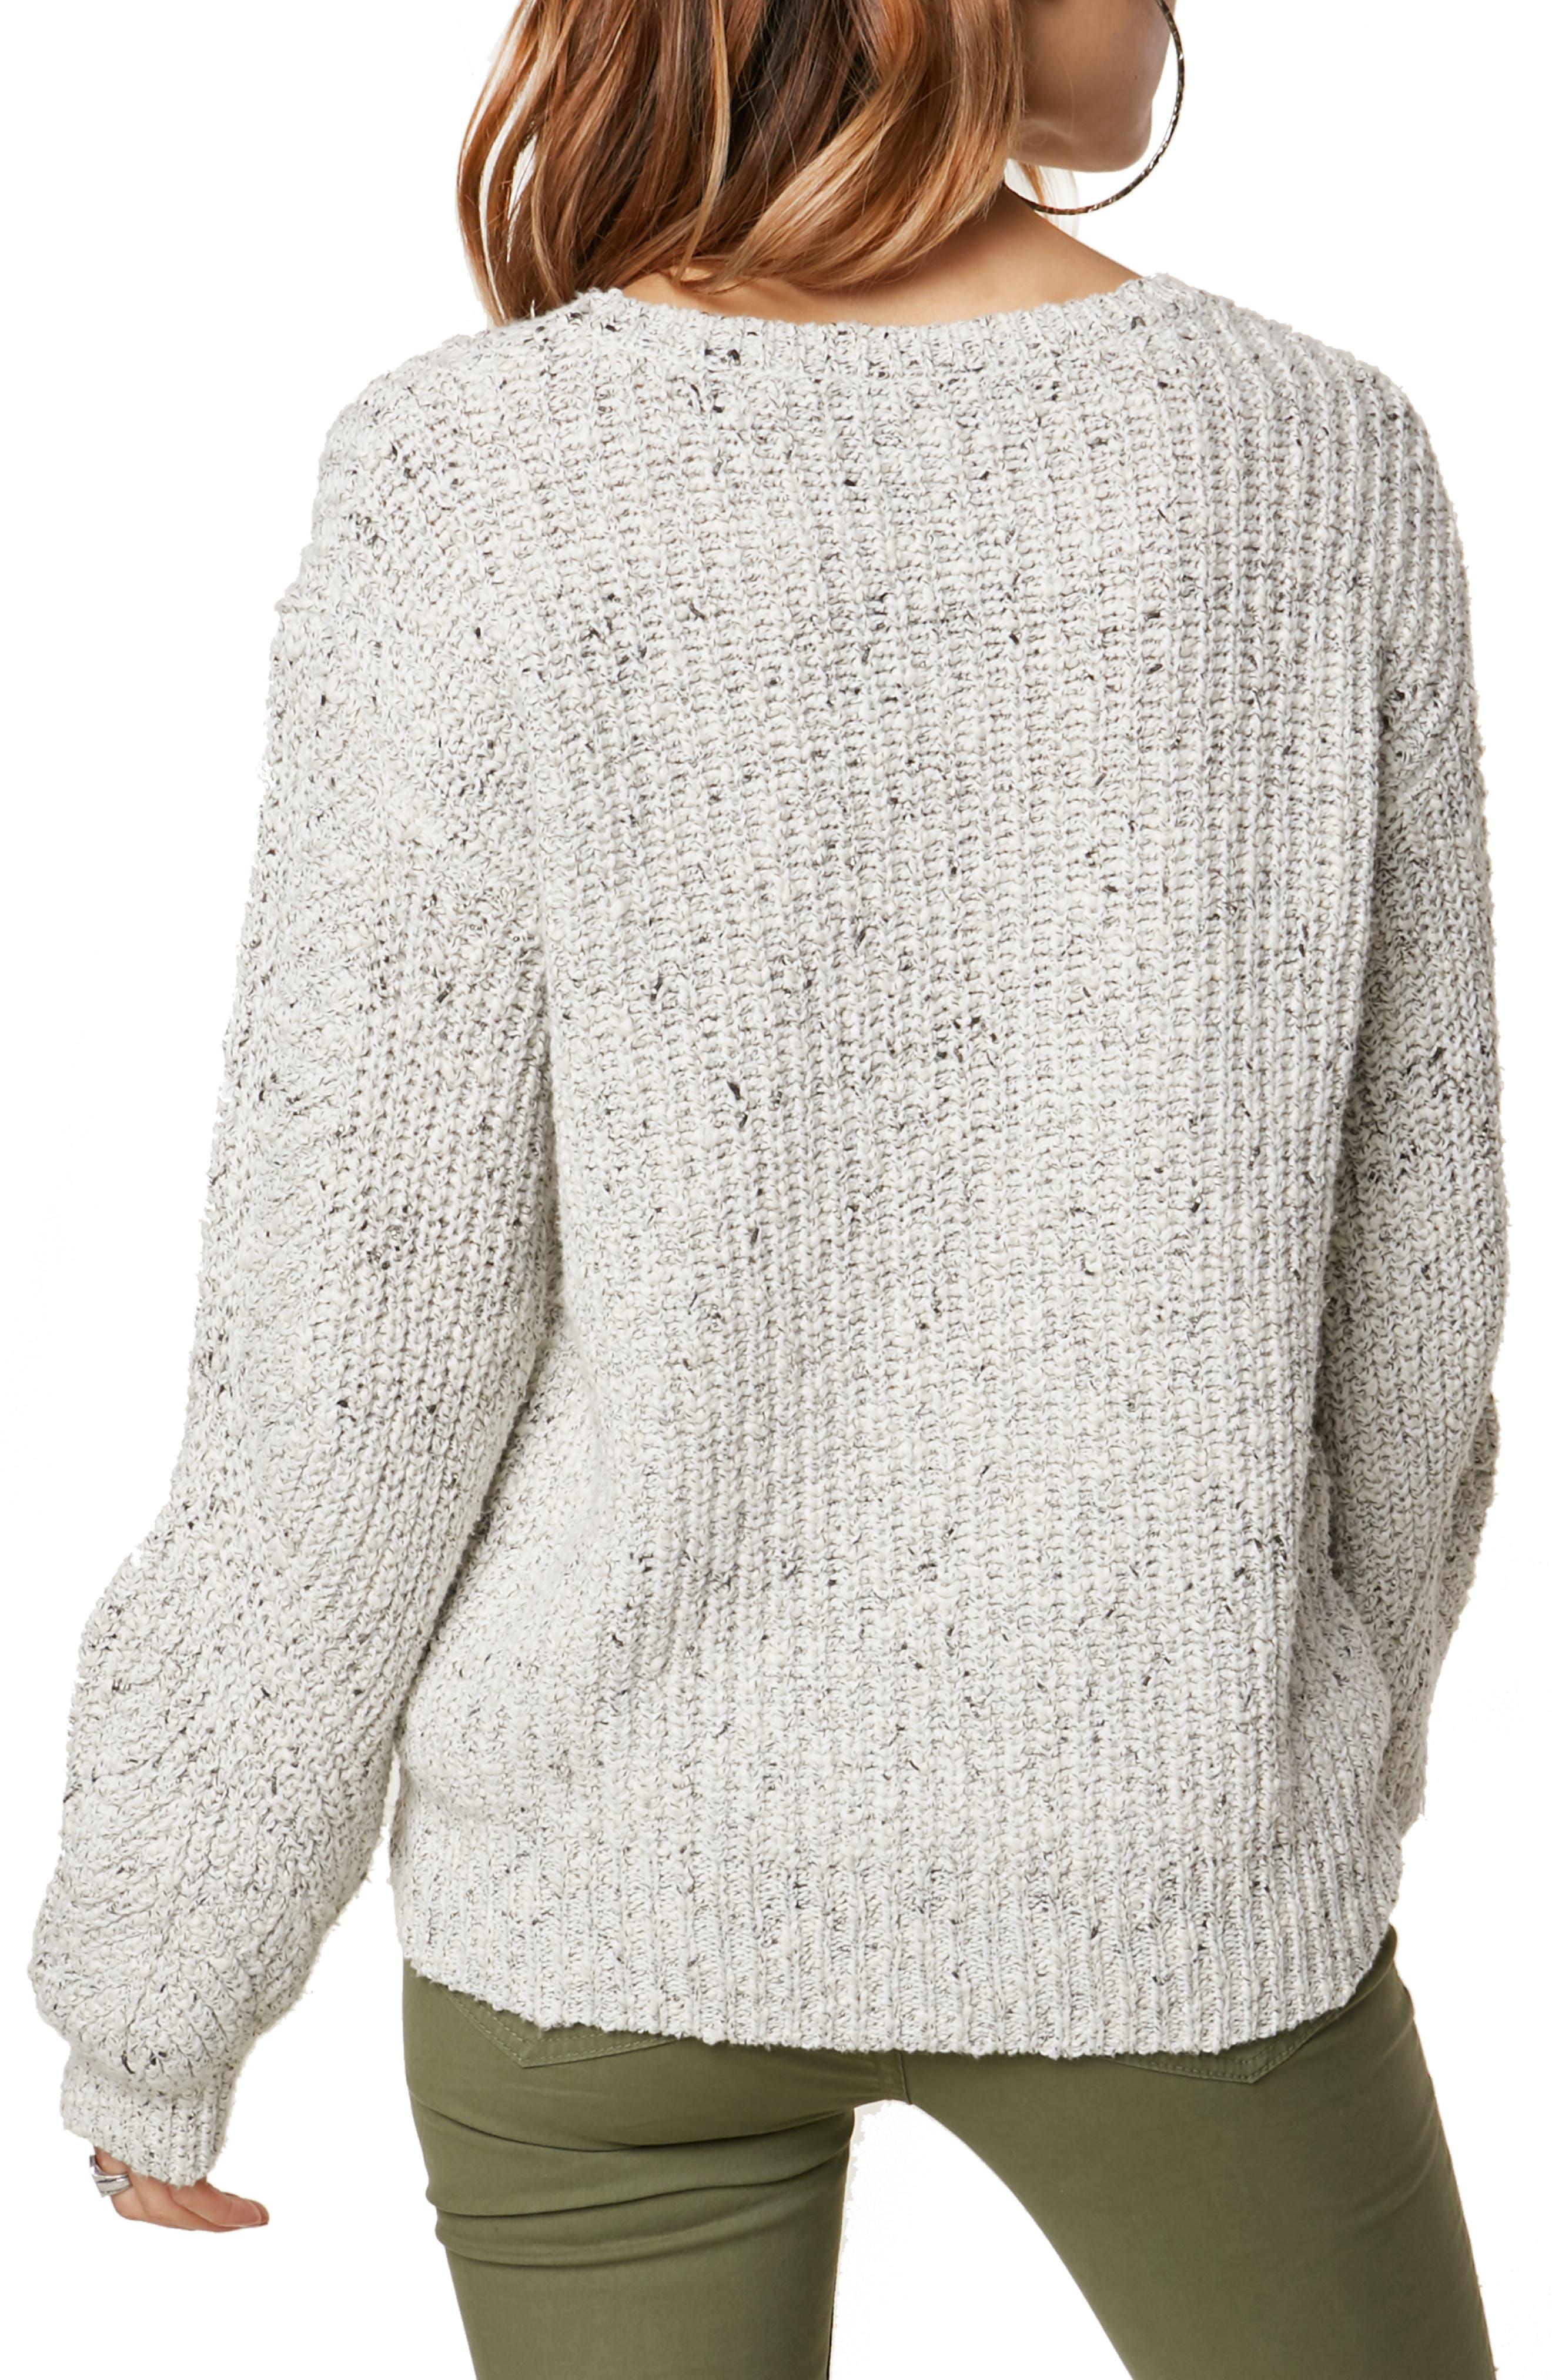 Sailor Cotton Blend Sweater,                             Alternate thumbnail 2, color,                             100